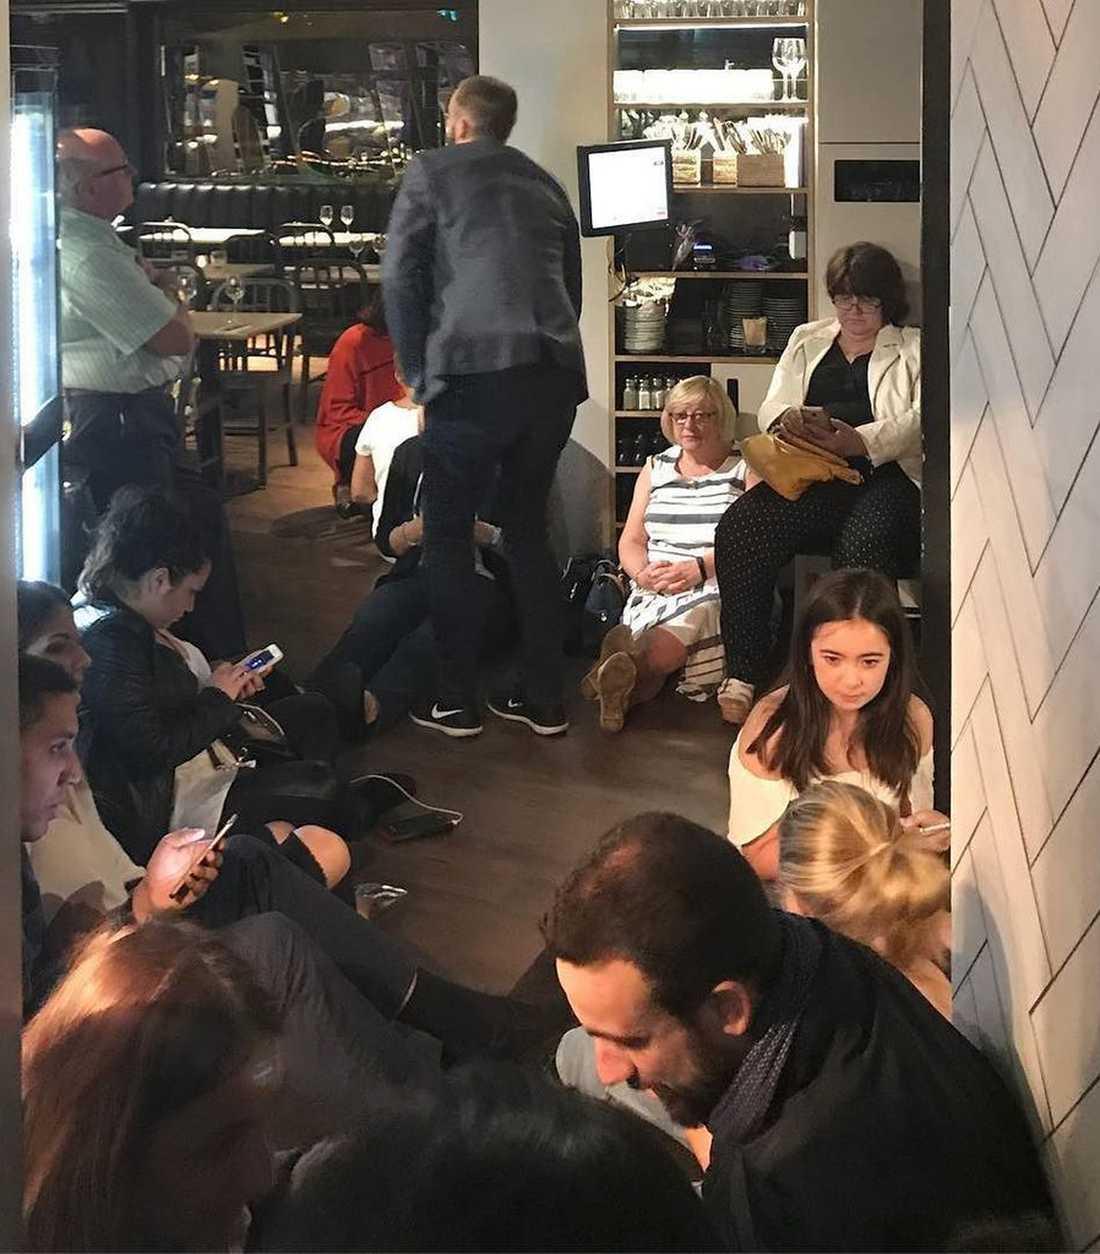 Människor tas skydd inne på restaurang  Fish! i Borough Market området i samband med terrorattentatet vid London Bridge 3 juni 2017.